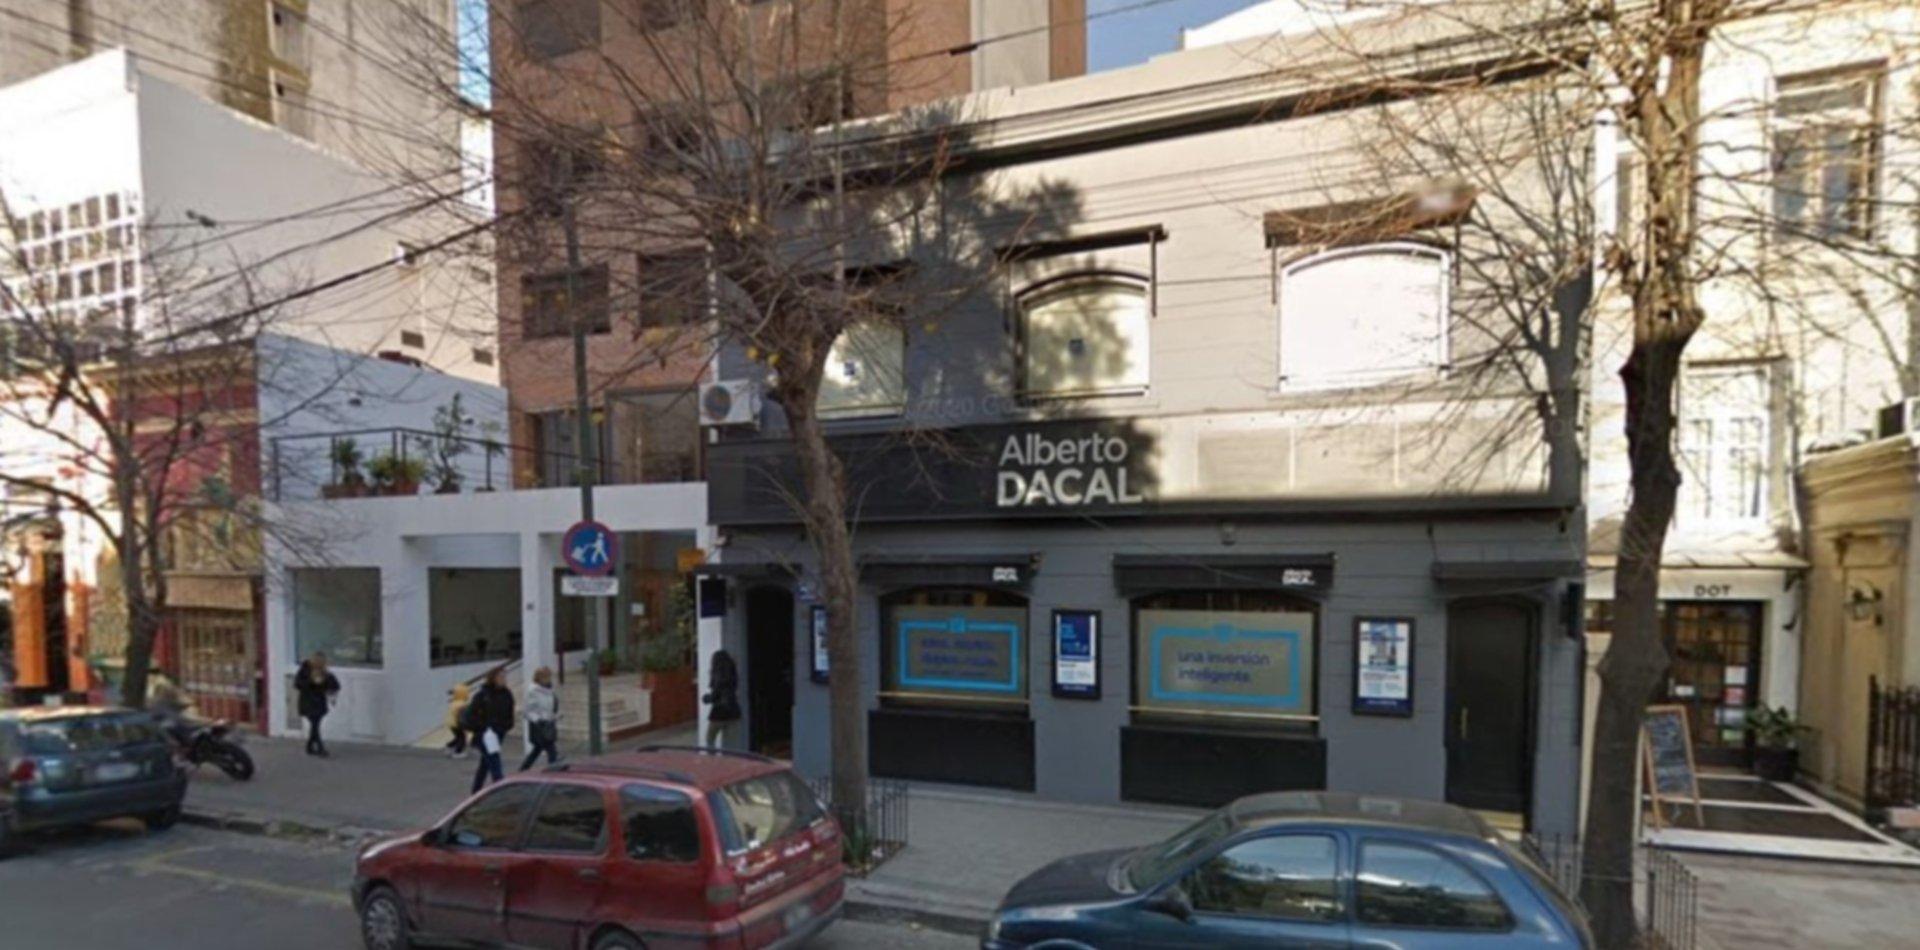 Armados con un revólver y una picana, asaltaron la inmobiliaria Alberto Dacal de La Plata